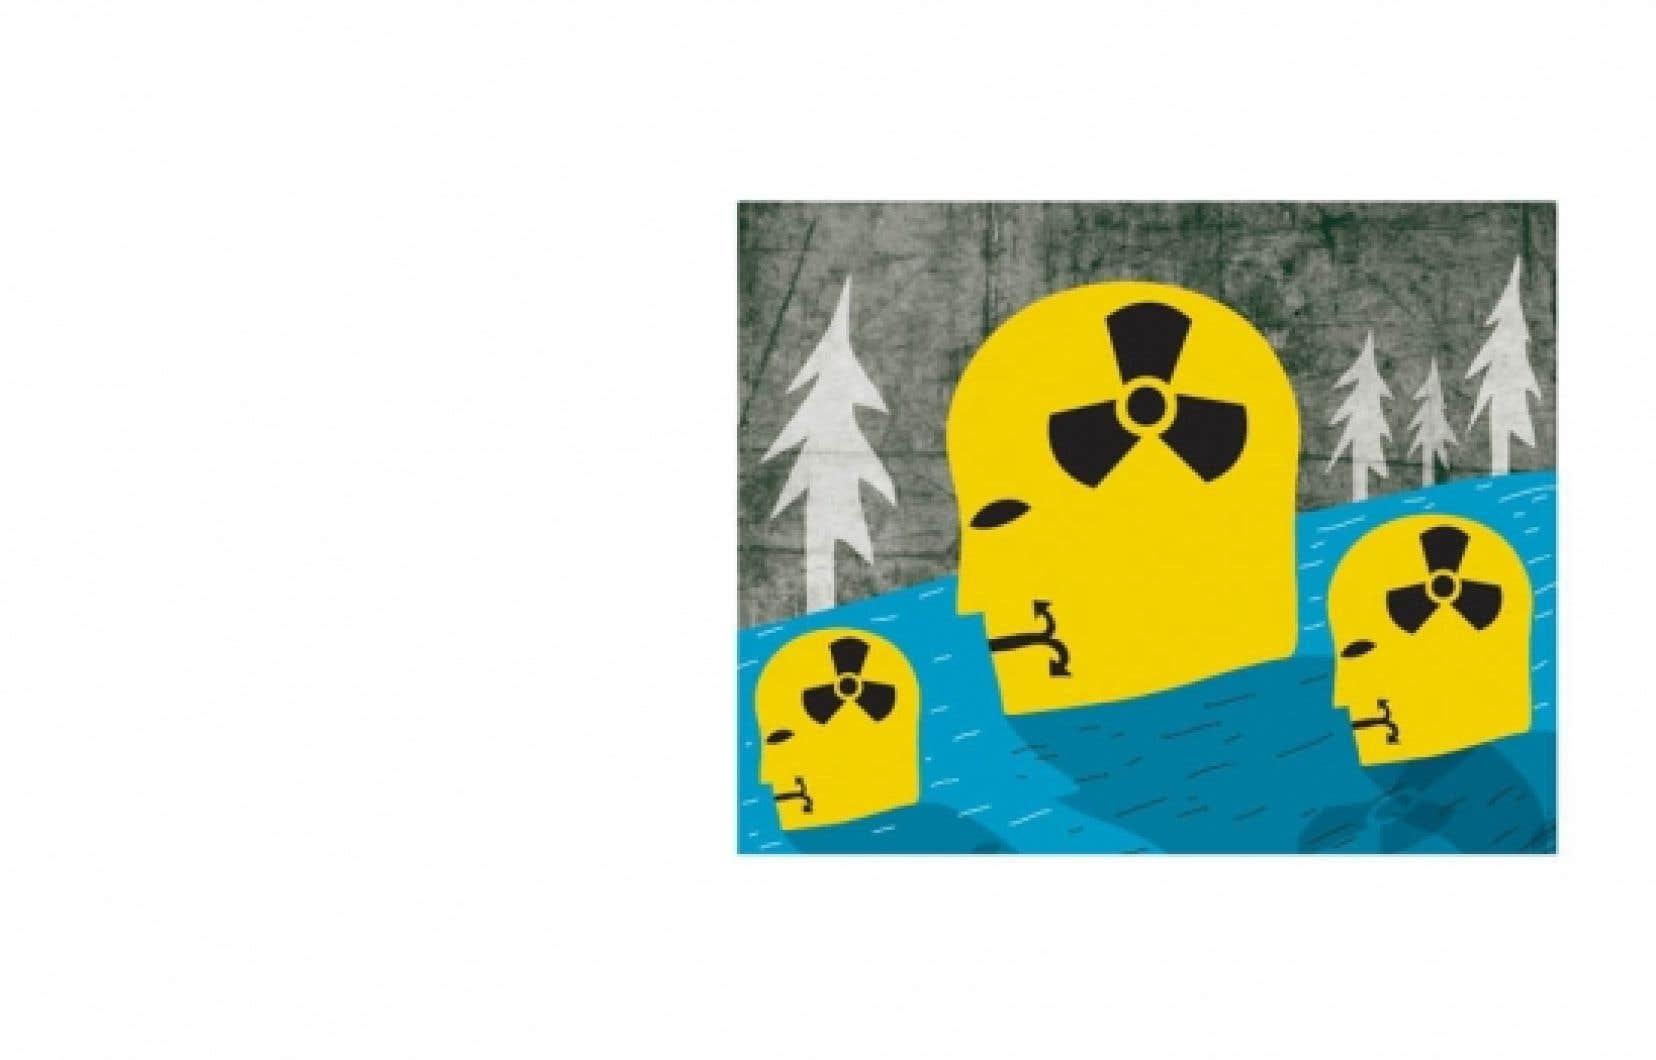 La Commission canadienne de sûreté nucléaire (CCSN) vient de donner l'autorisation à Bruce Power d'acheminer 16 générateurs de vapeur contaminés par bateau jusqu'en Suède, en dépit de l'opposition de nombreuses villes situées le long du Saint-Laurent, de plusieurs groupes écologistes, de médecins, de scientifiques et de citoyens bien informés.